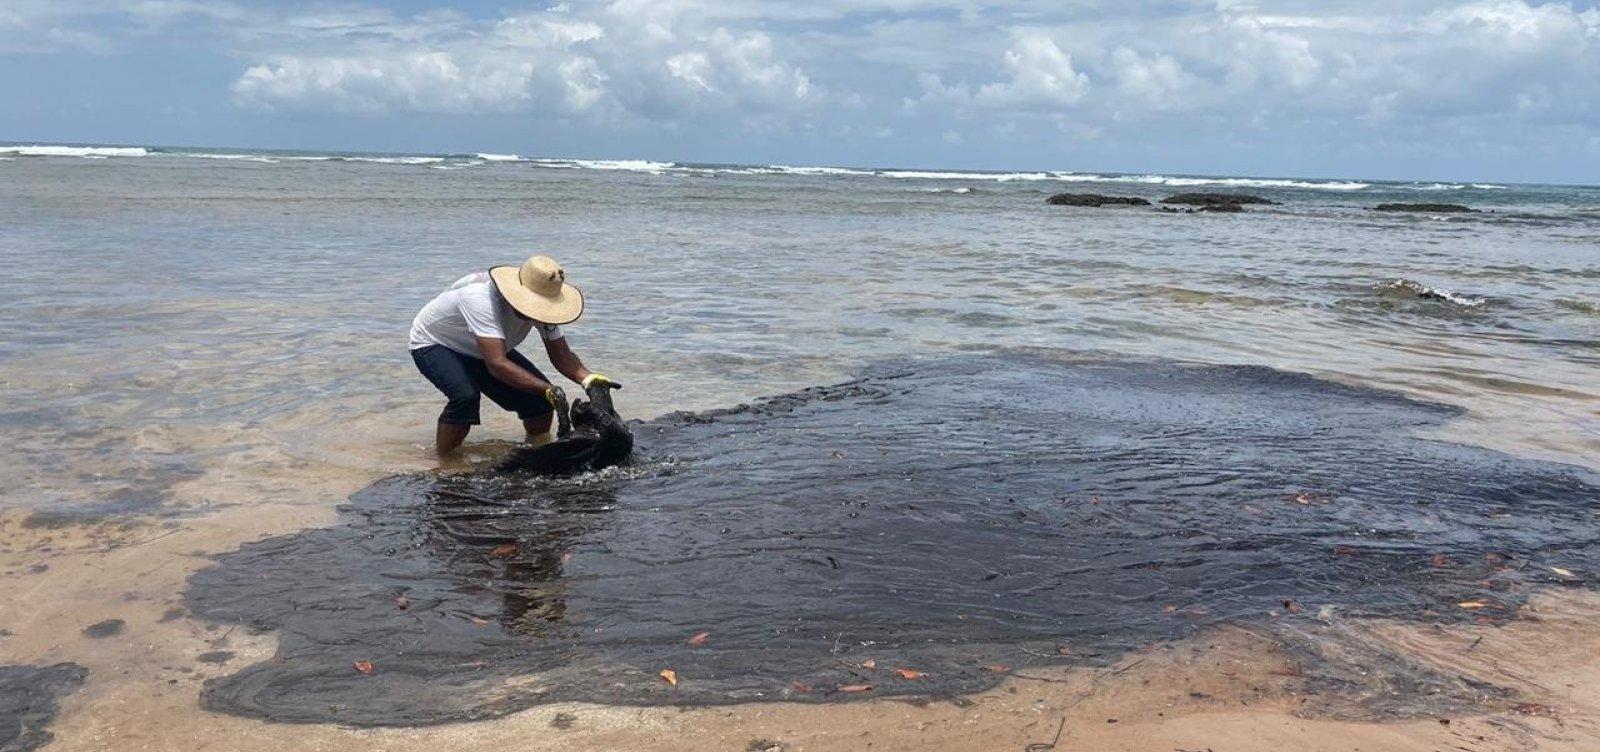 [Pescadores de áreas atingidas por óleo recebem hoje segunda parcela do auxílio emergencial]